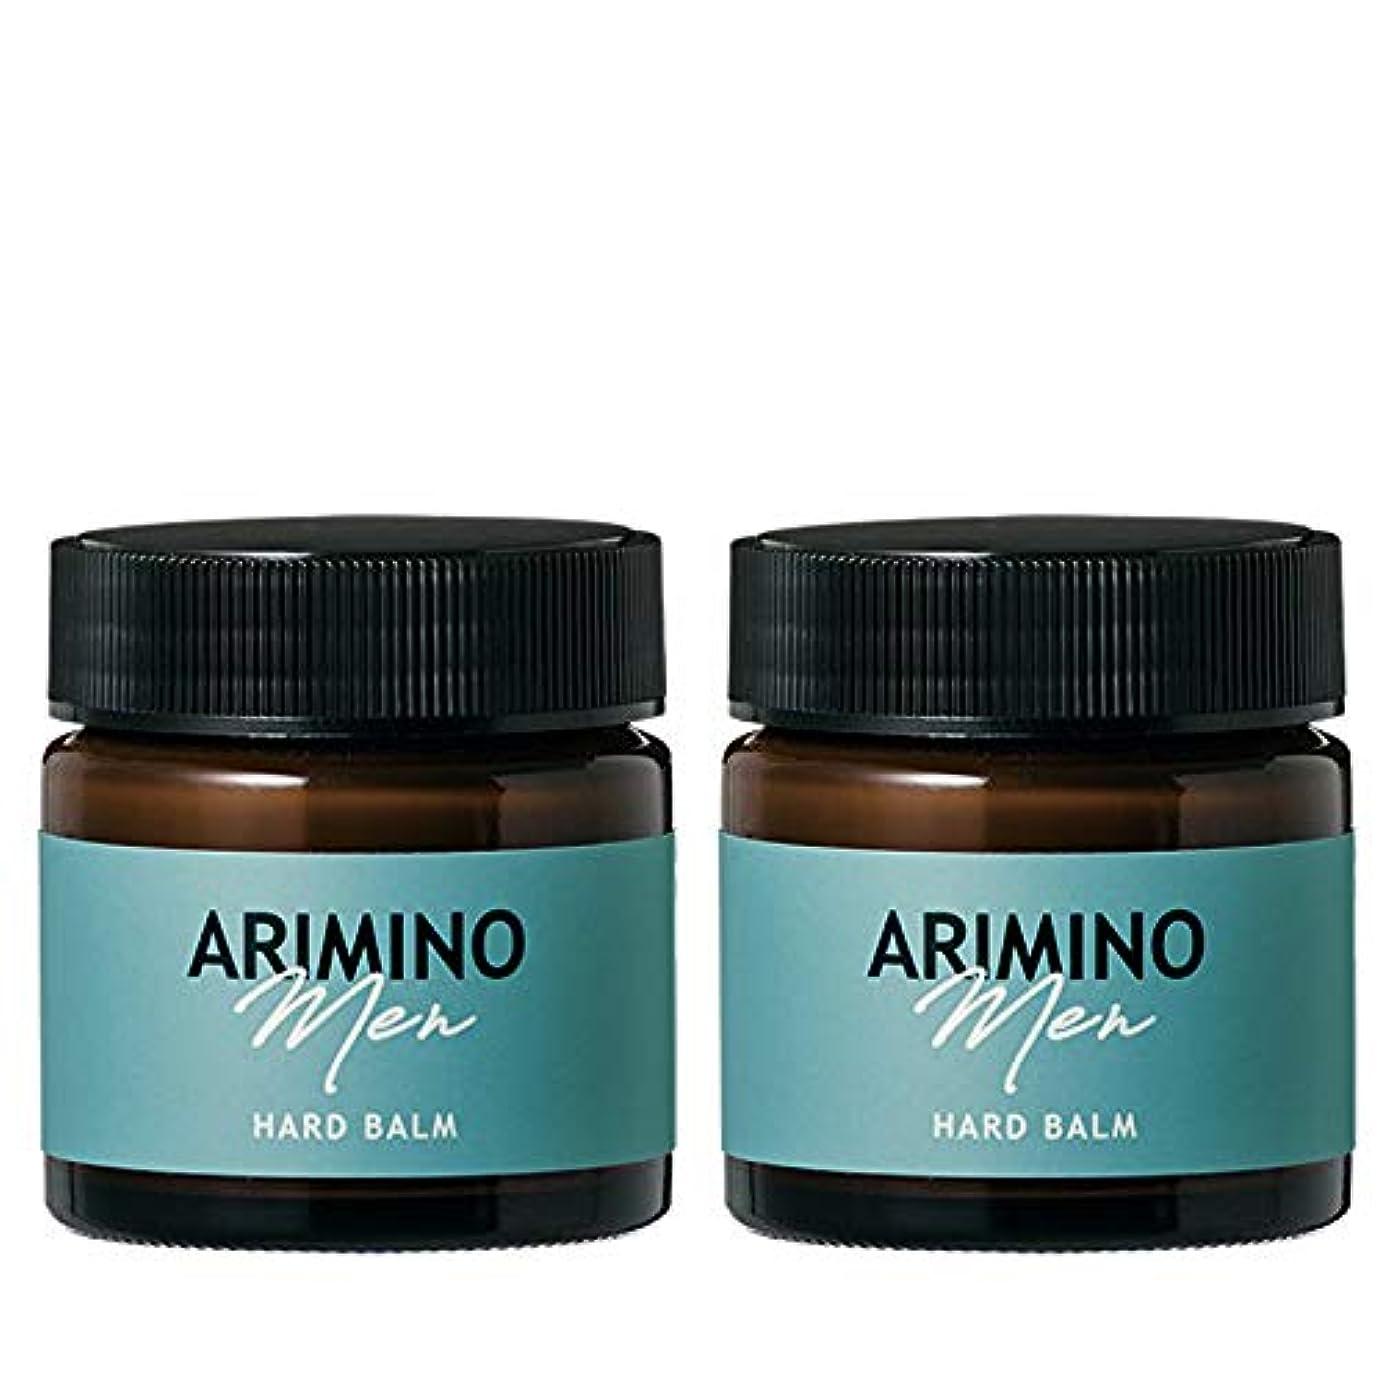 刺激するもっと少なく作りアリミノ メン ハード バーム 60g ×2個 セット arimino men